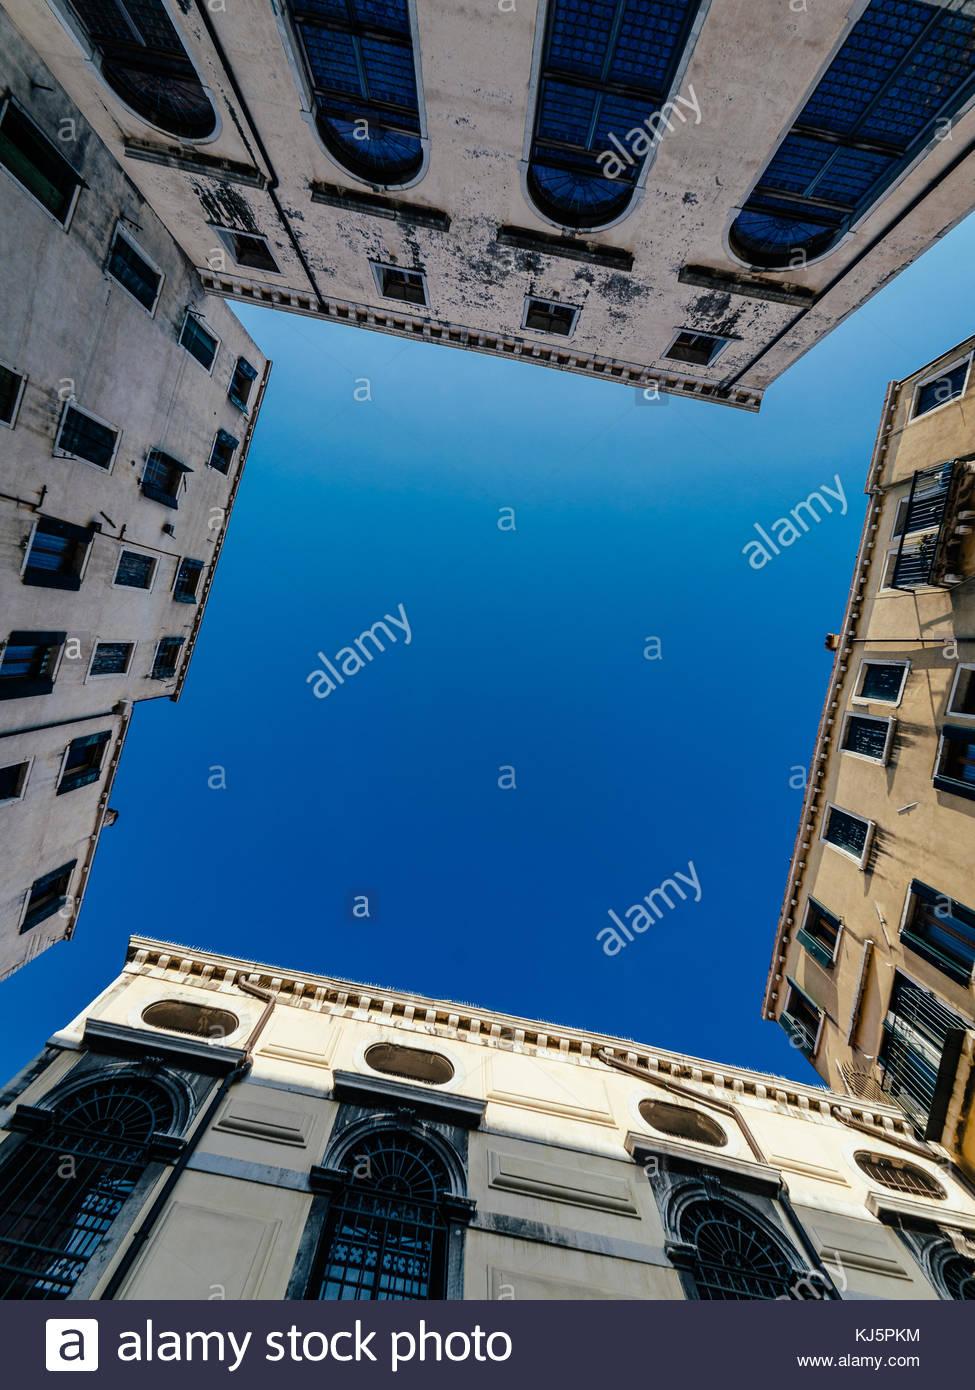 À la recherche en haut le ciel de entre les bâtiments Photo Stock